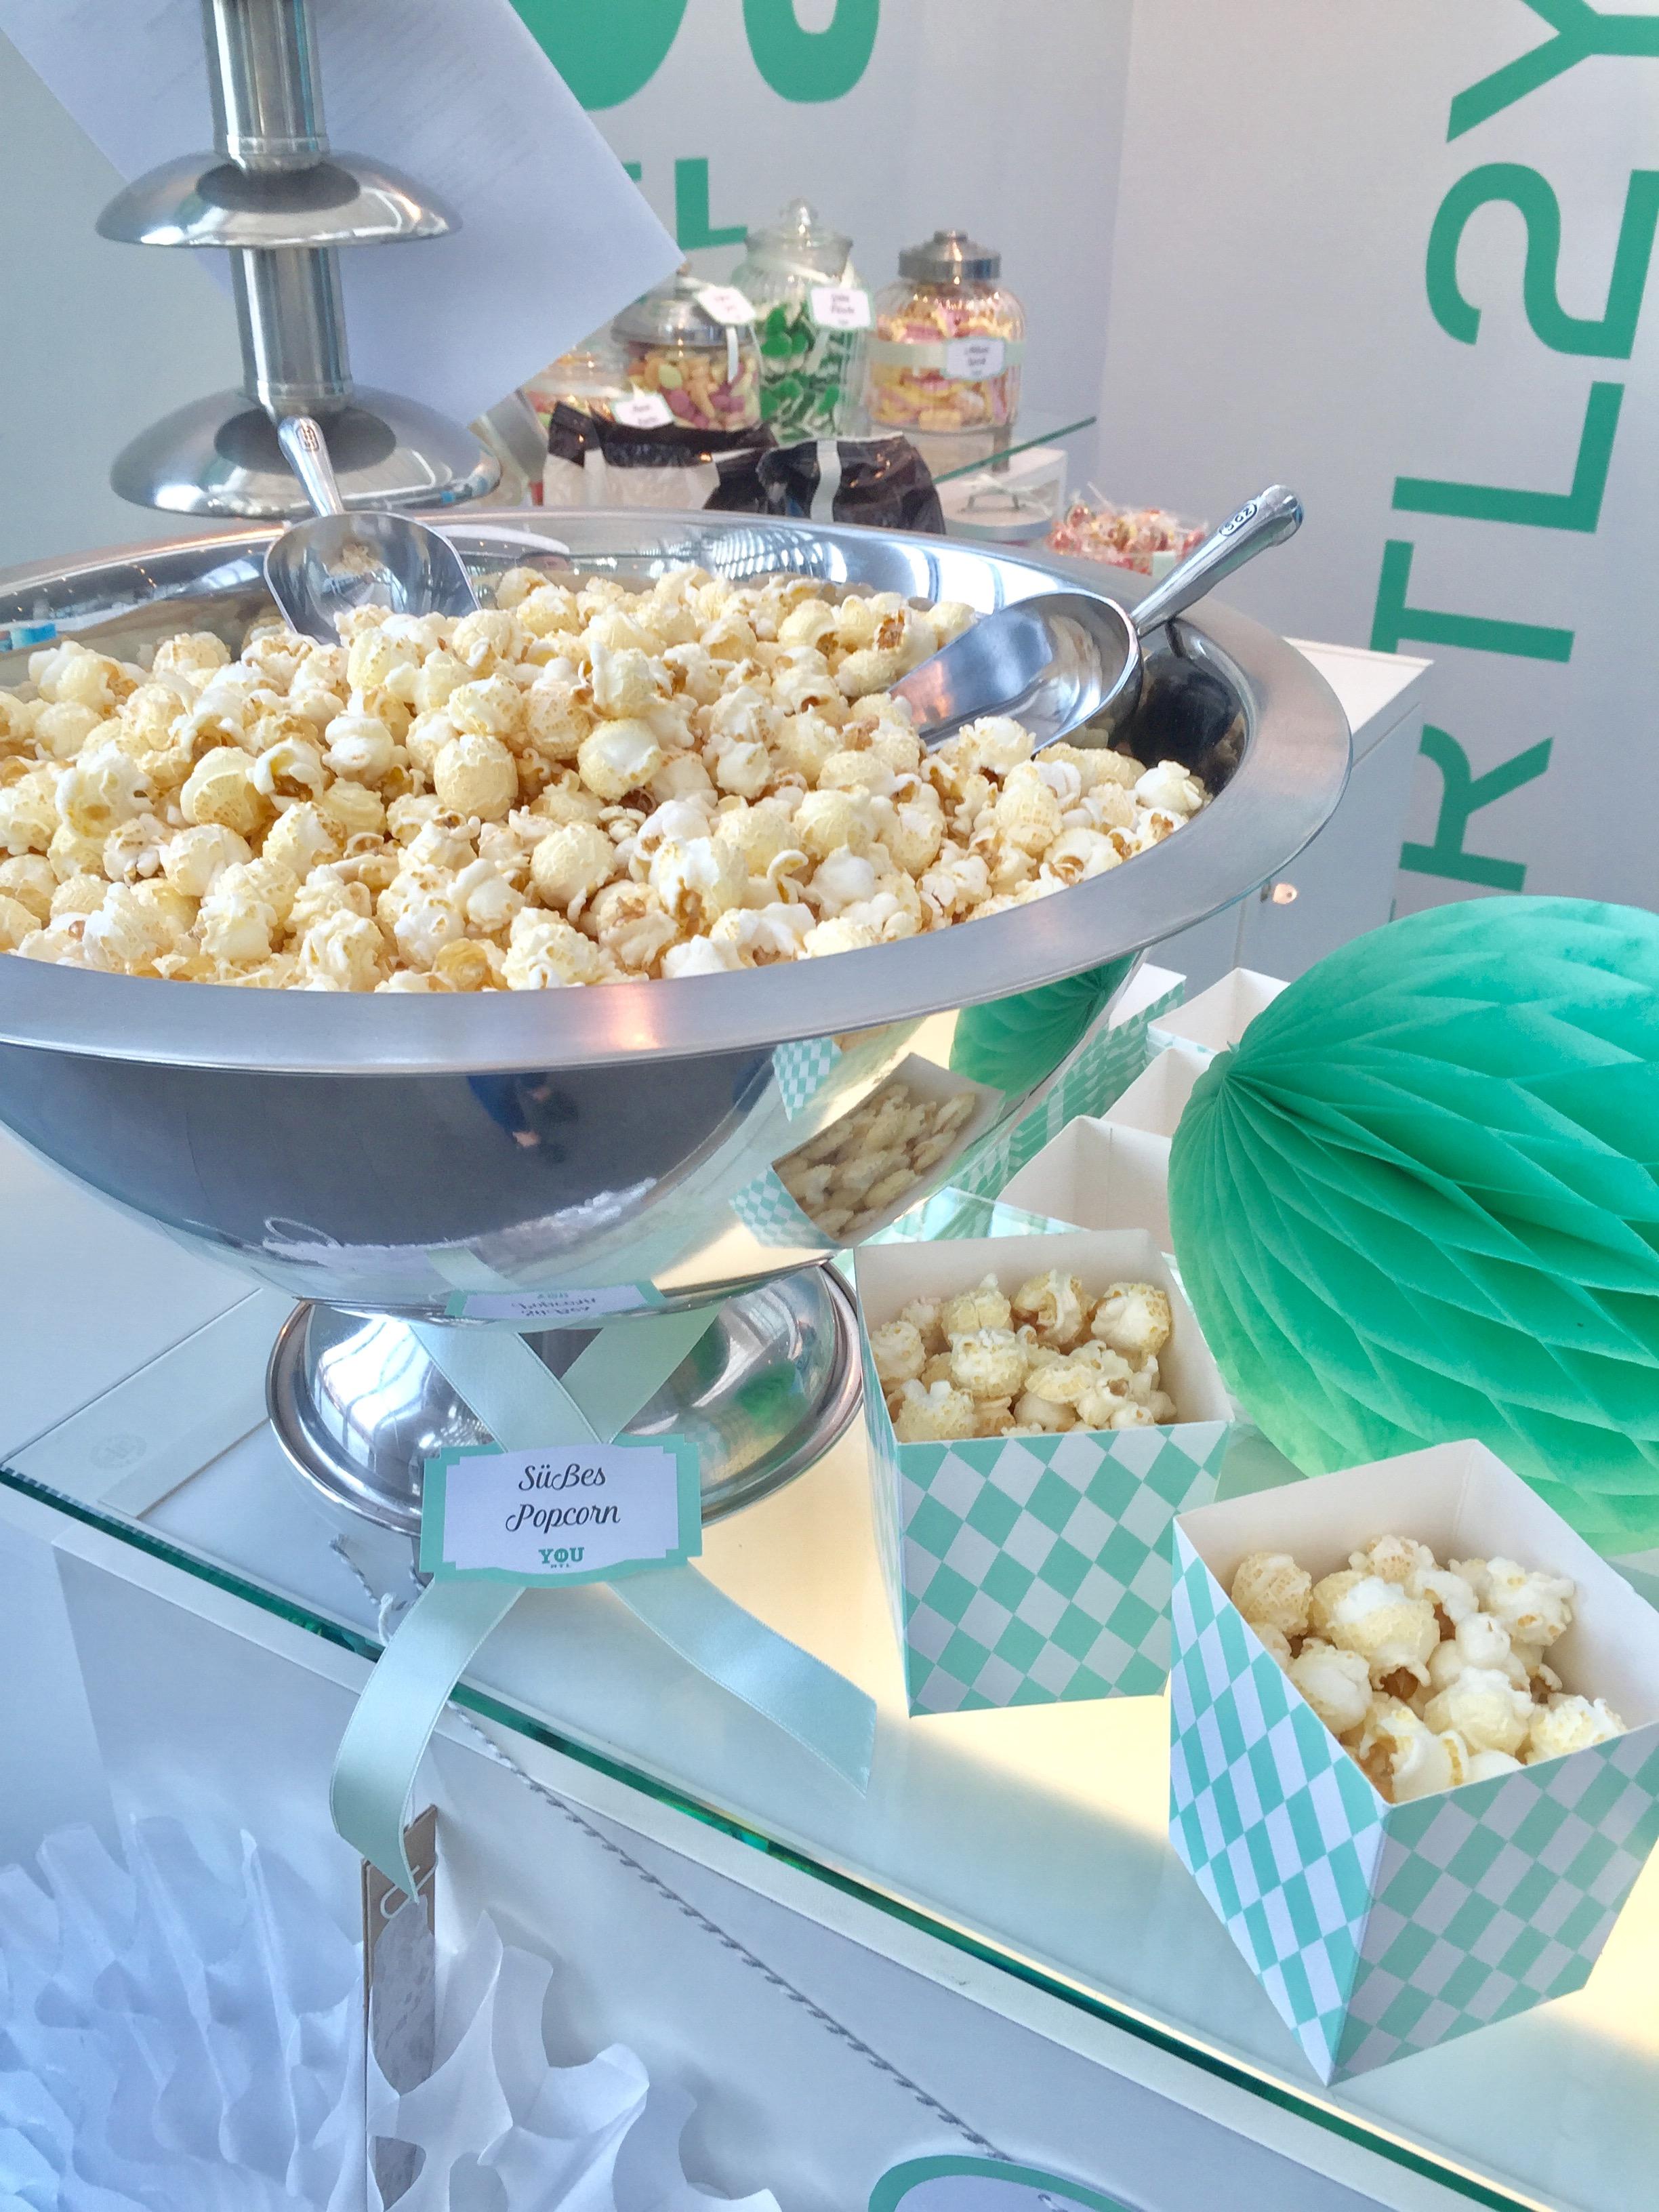 candybar-stuttgart-mieten-event-messe-you-rtl2-popcorn